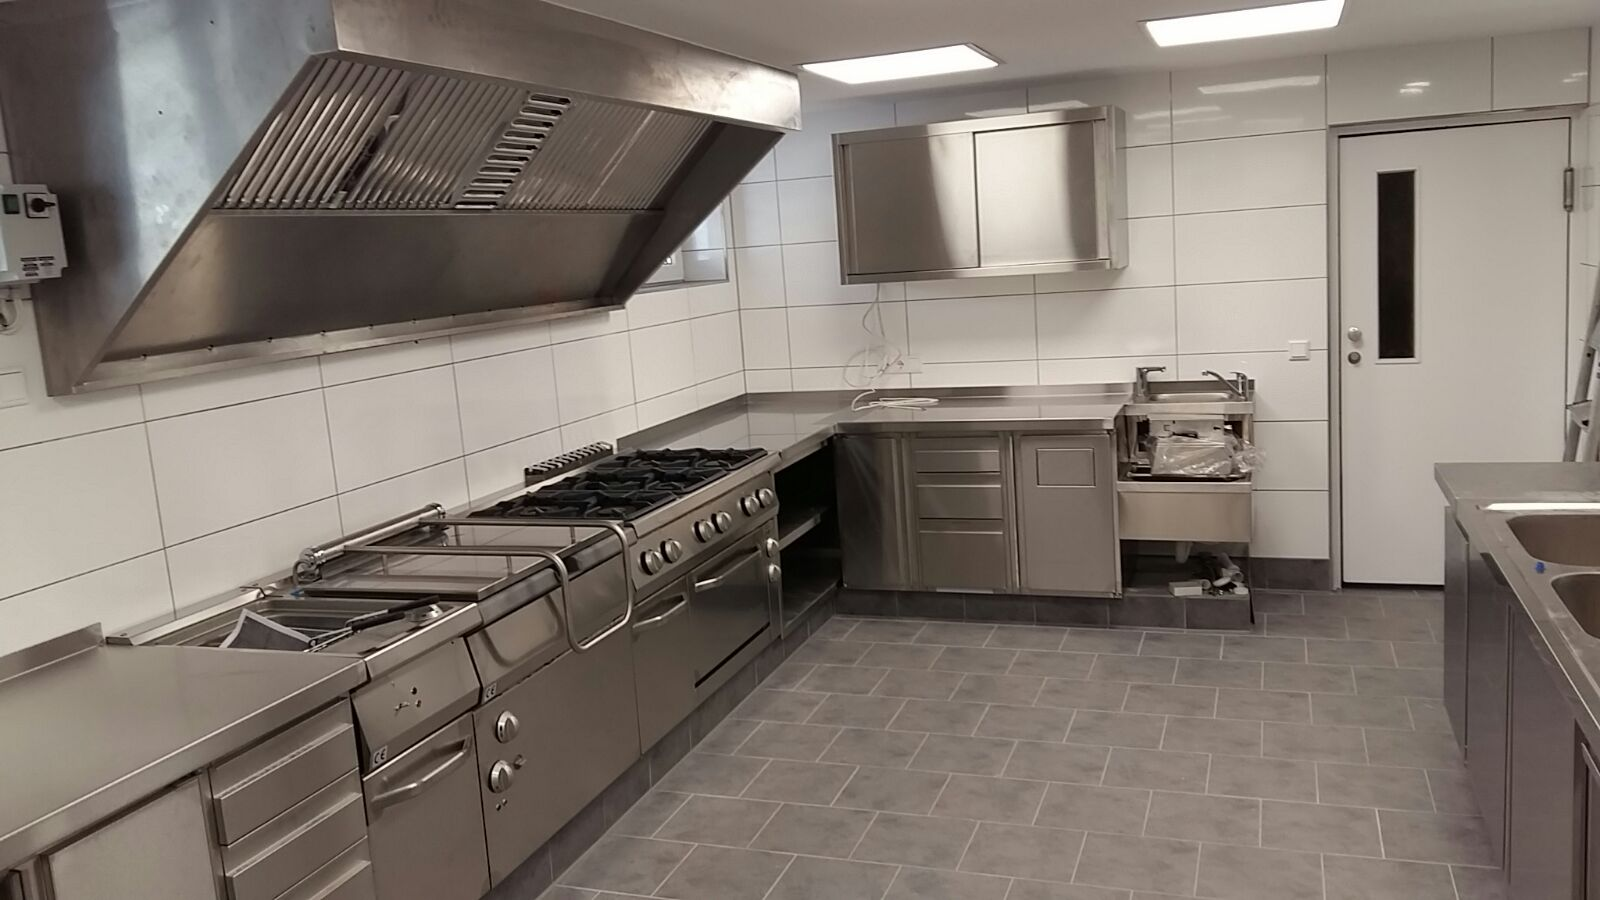 Beste Die Könige Küche Fotos - Küche Set Ideen - deriherusweets.info